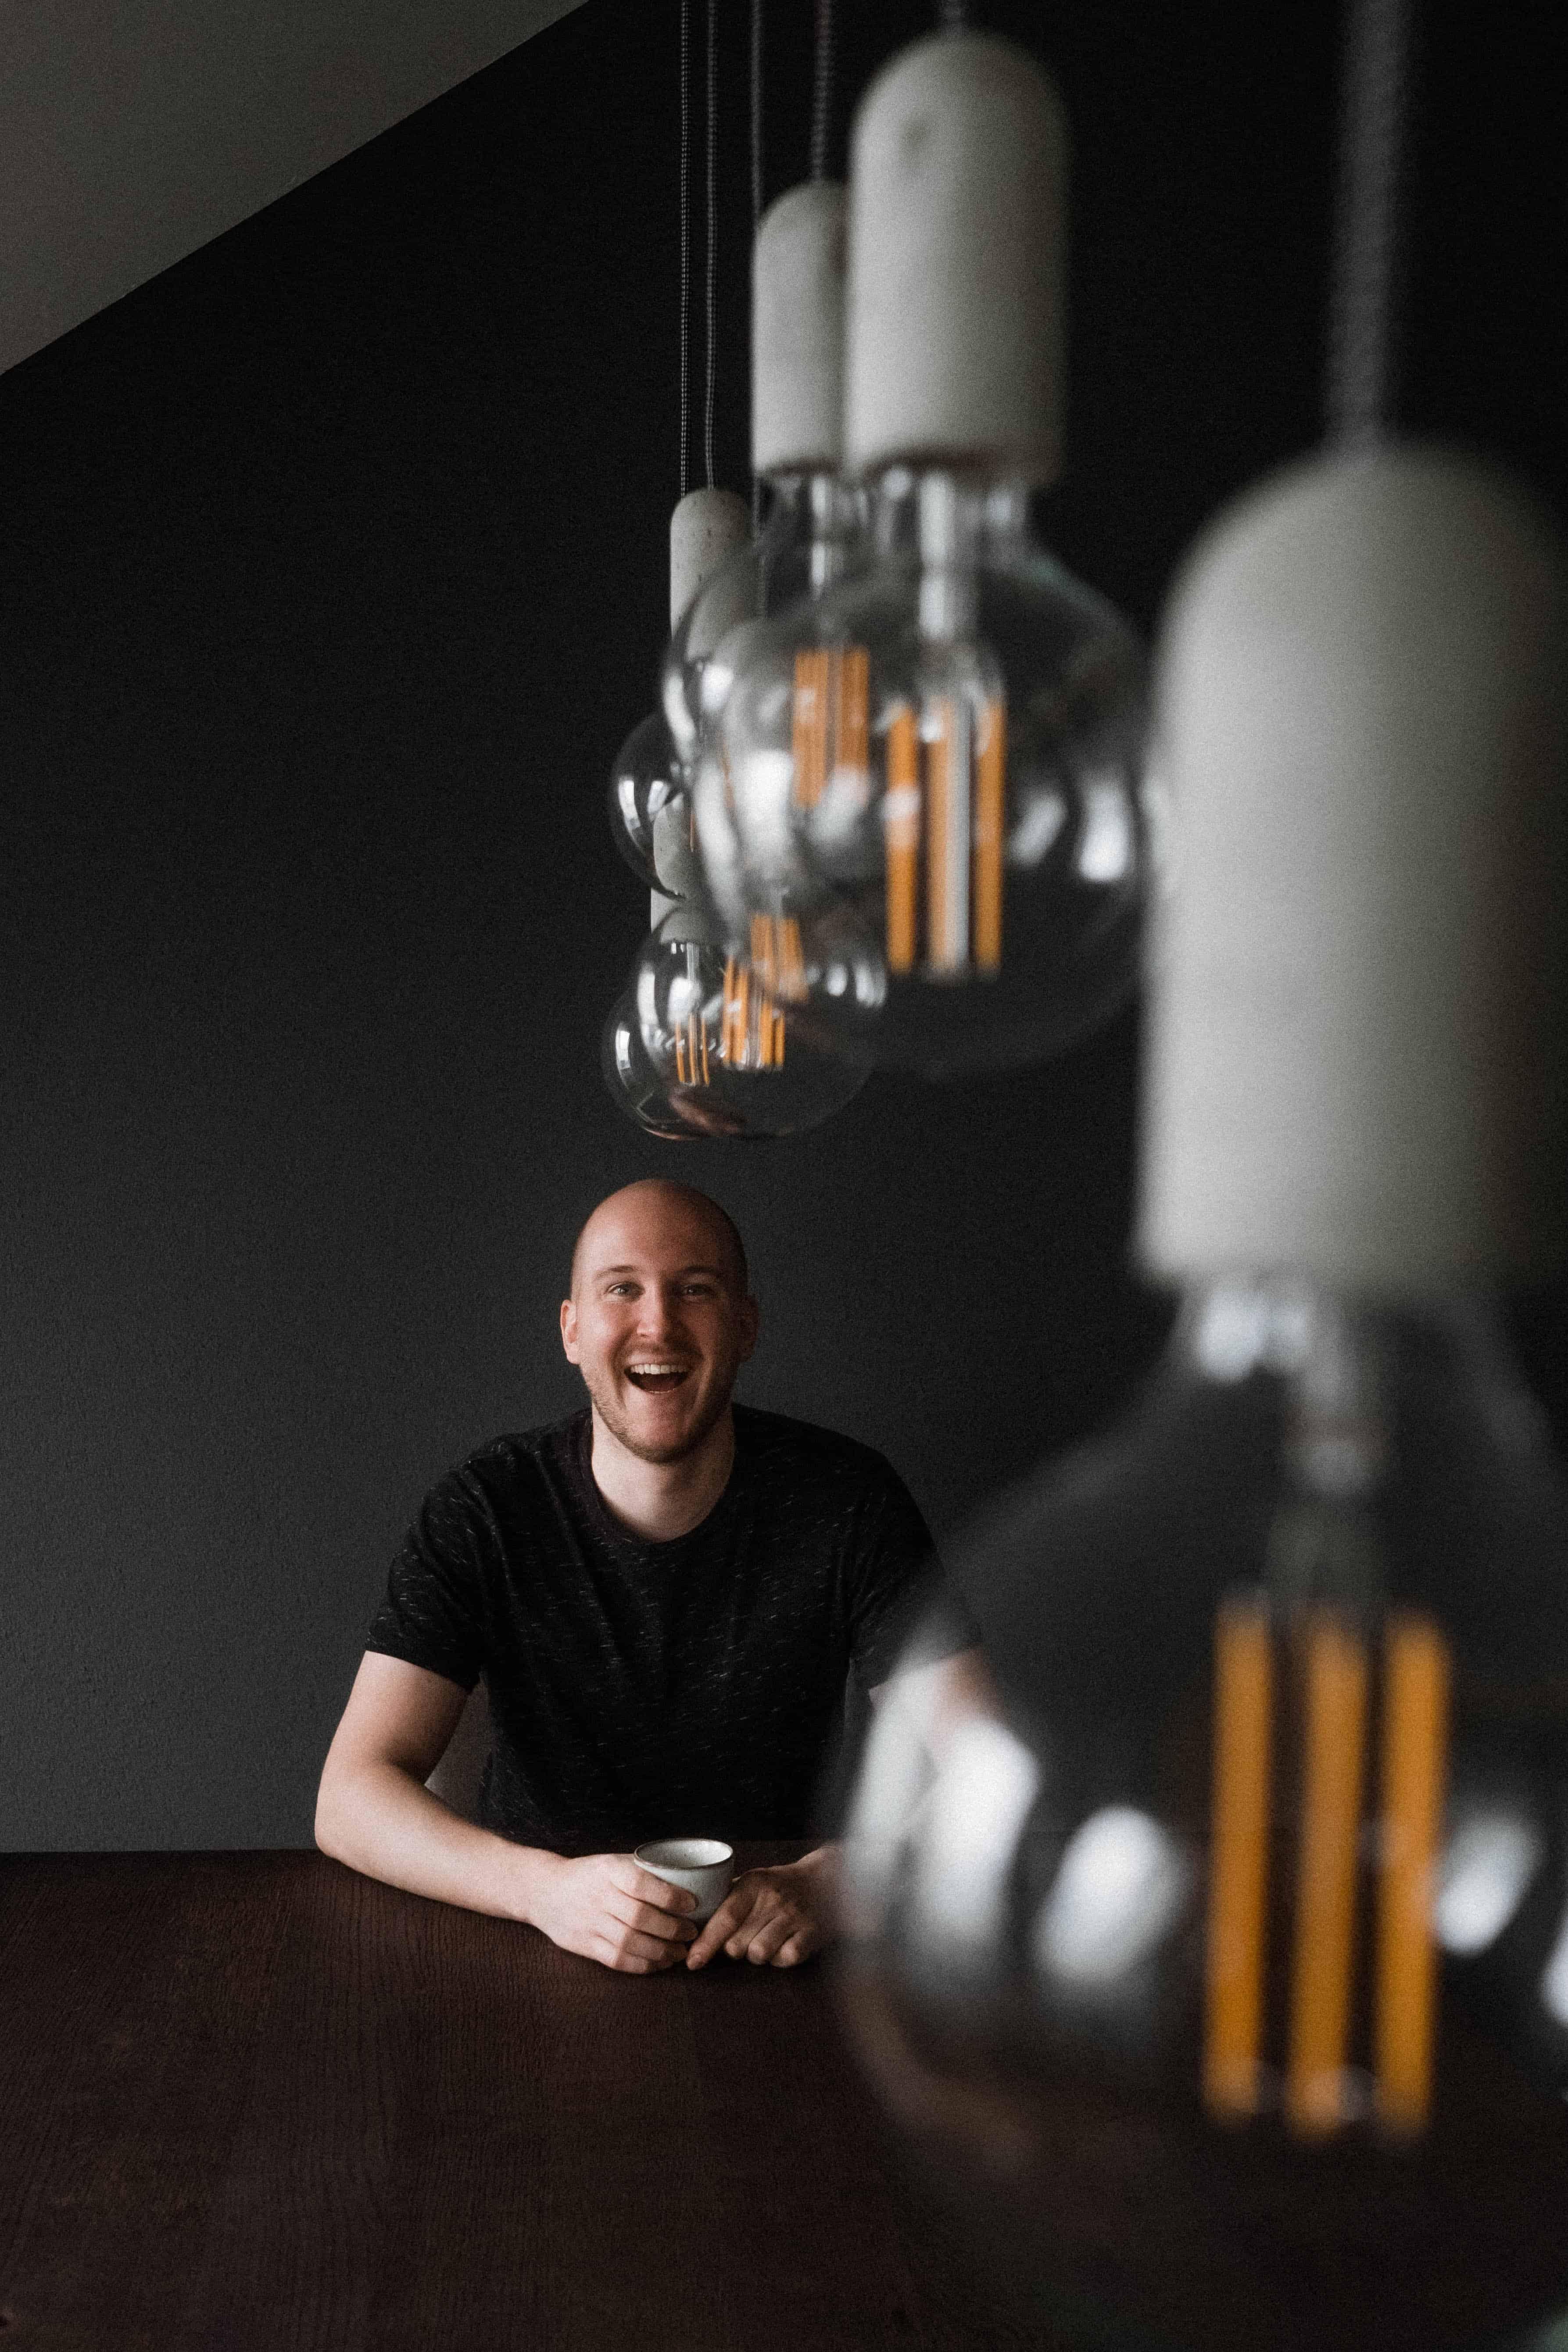 ein Mann sitzt vor einem schwarzen Hintergrund an einem schwarzen Tisch in einem Raum, vor ihm steht eine Tasse, die er mit beiden Händen hält, im Vordergrund hängen Vintage- Glühbirnen, er lacht direkt in die Kamera